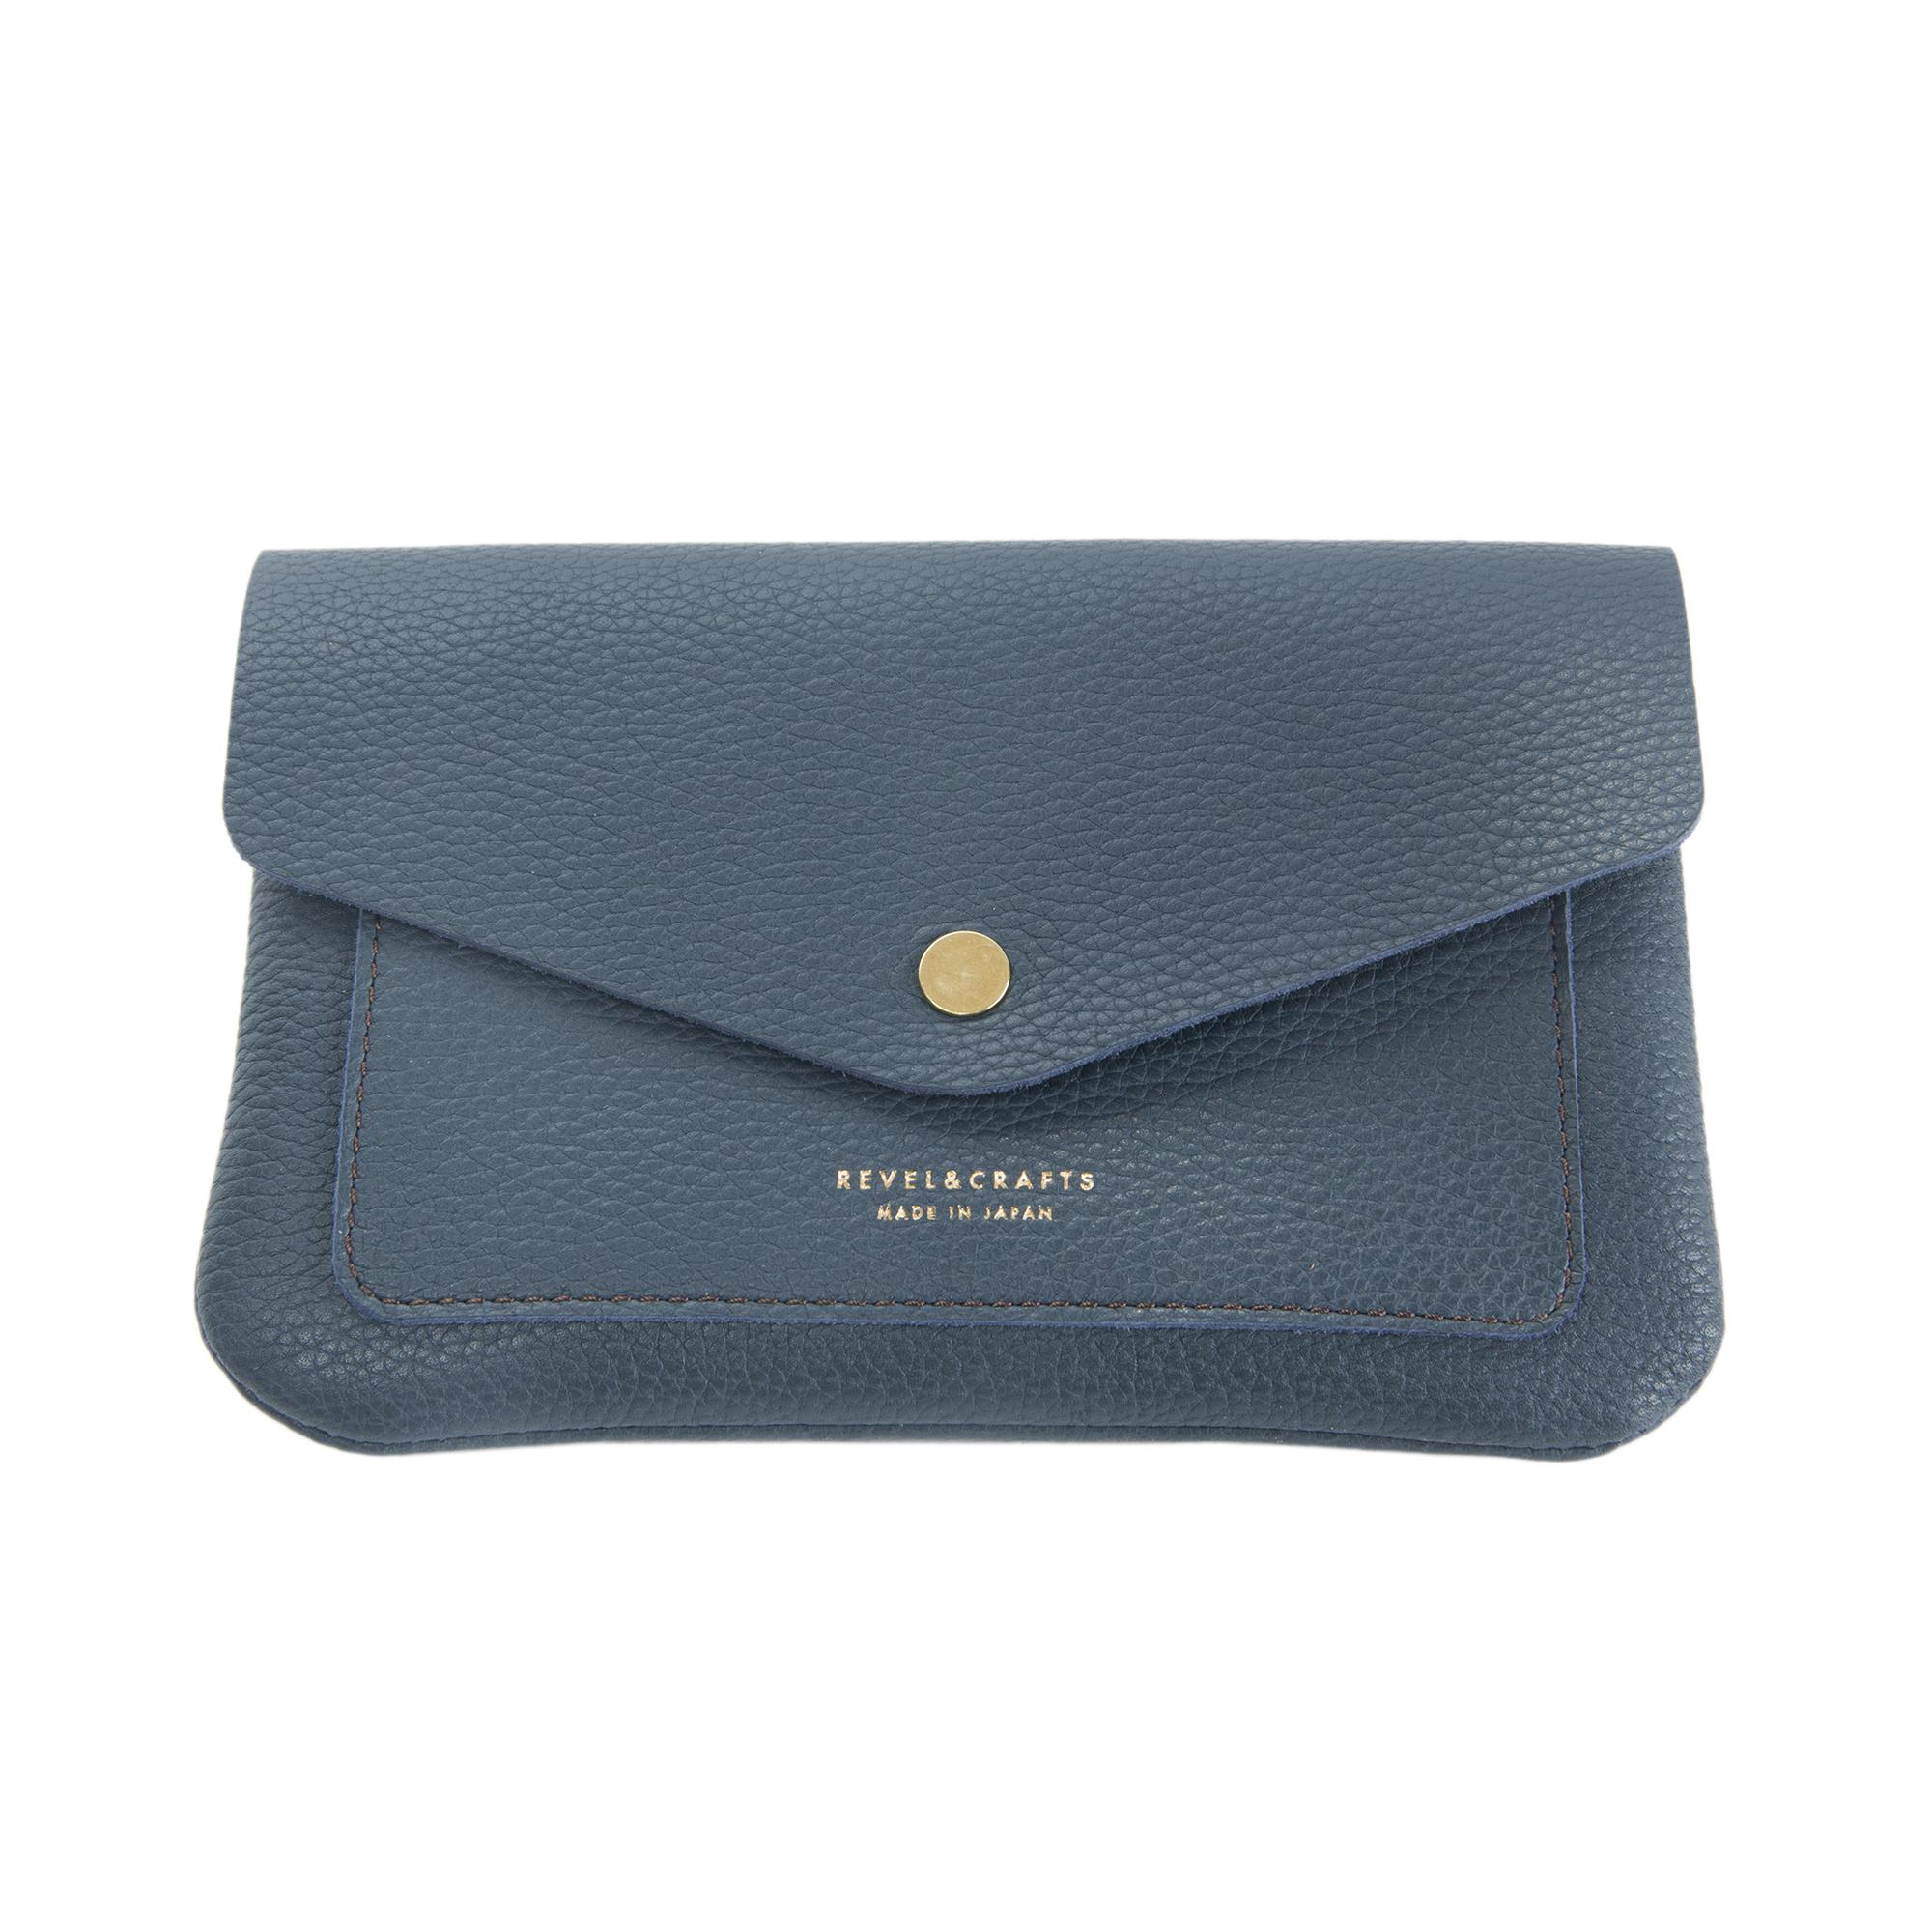 PASSBOOK&PASSPORT CASE BLUE